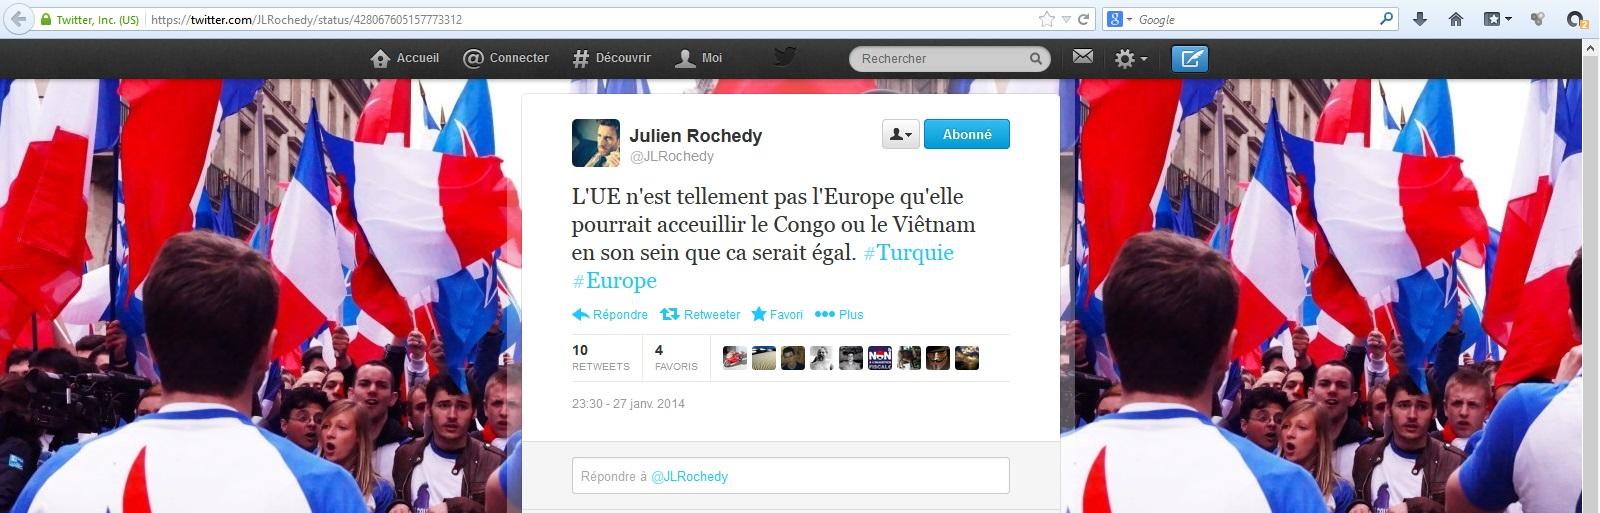 Capture d'écran du compte Twitter de Julien Rochedy